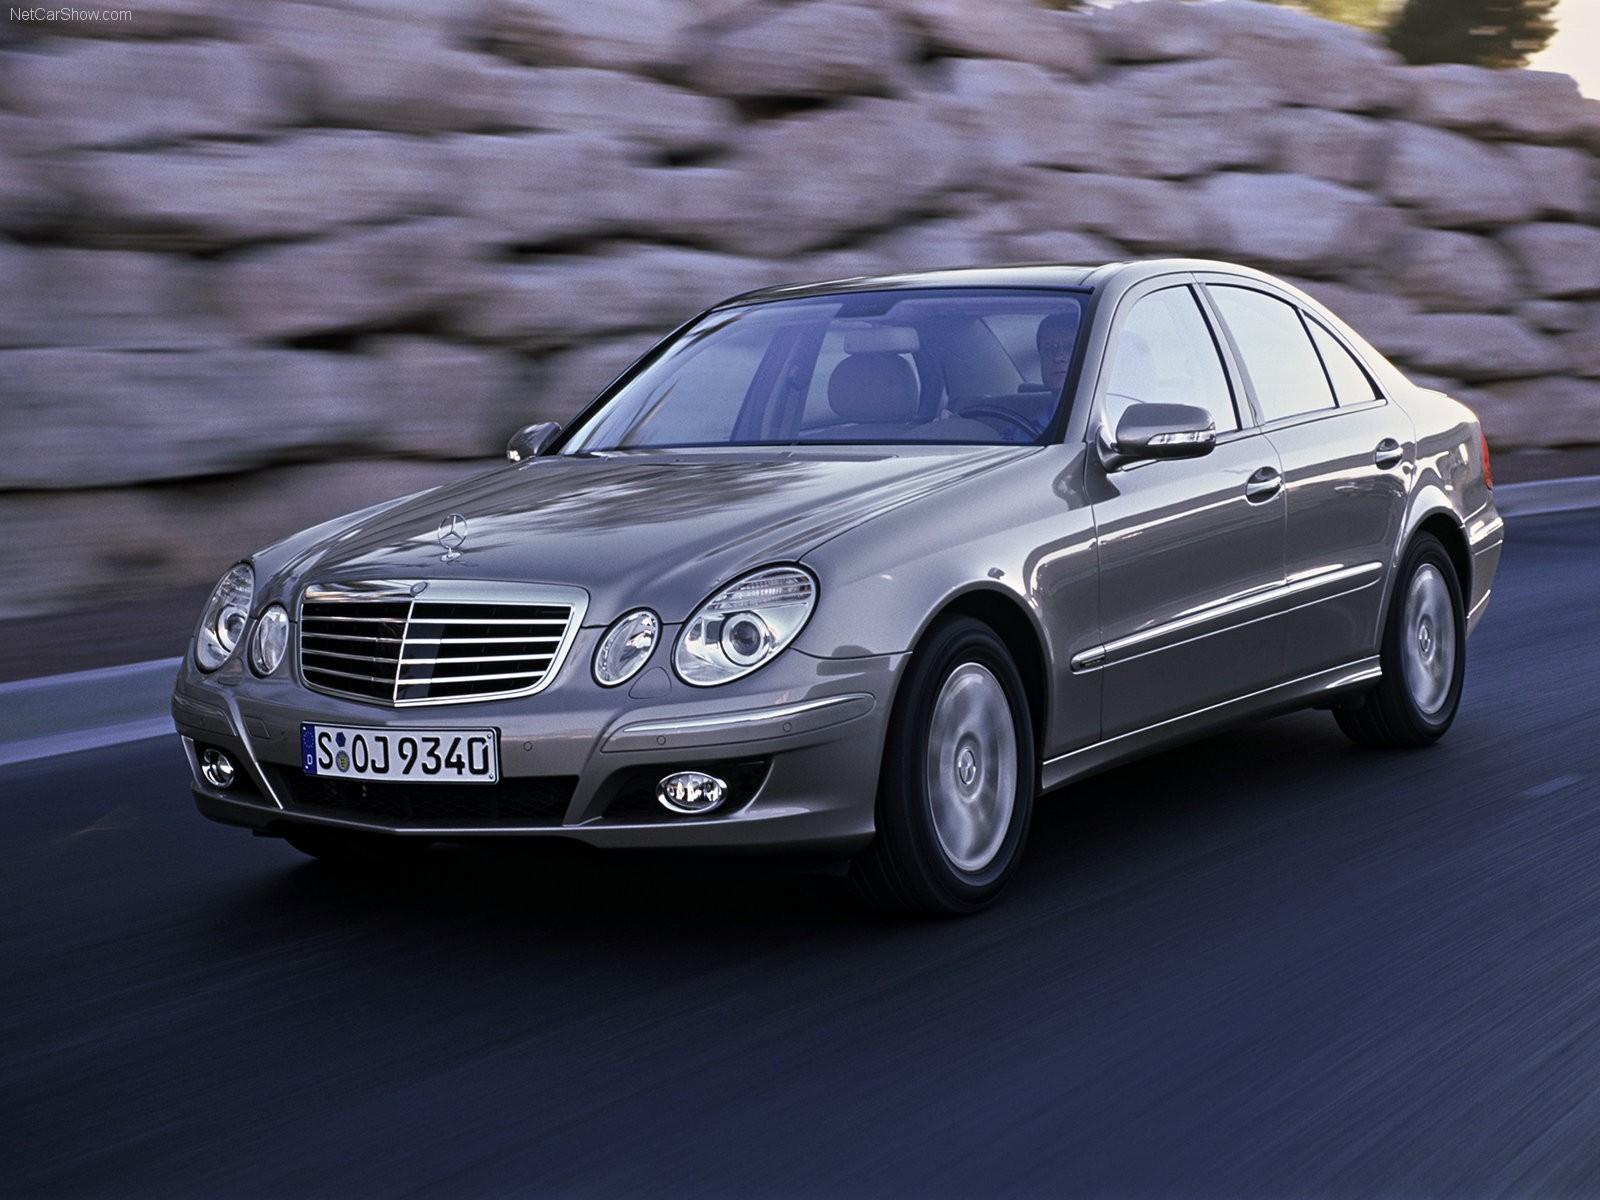 «Мерседес» отзывает вРФ 96 авто из-за трудностей сремнями безопасности